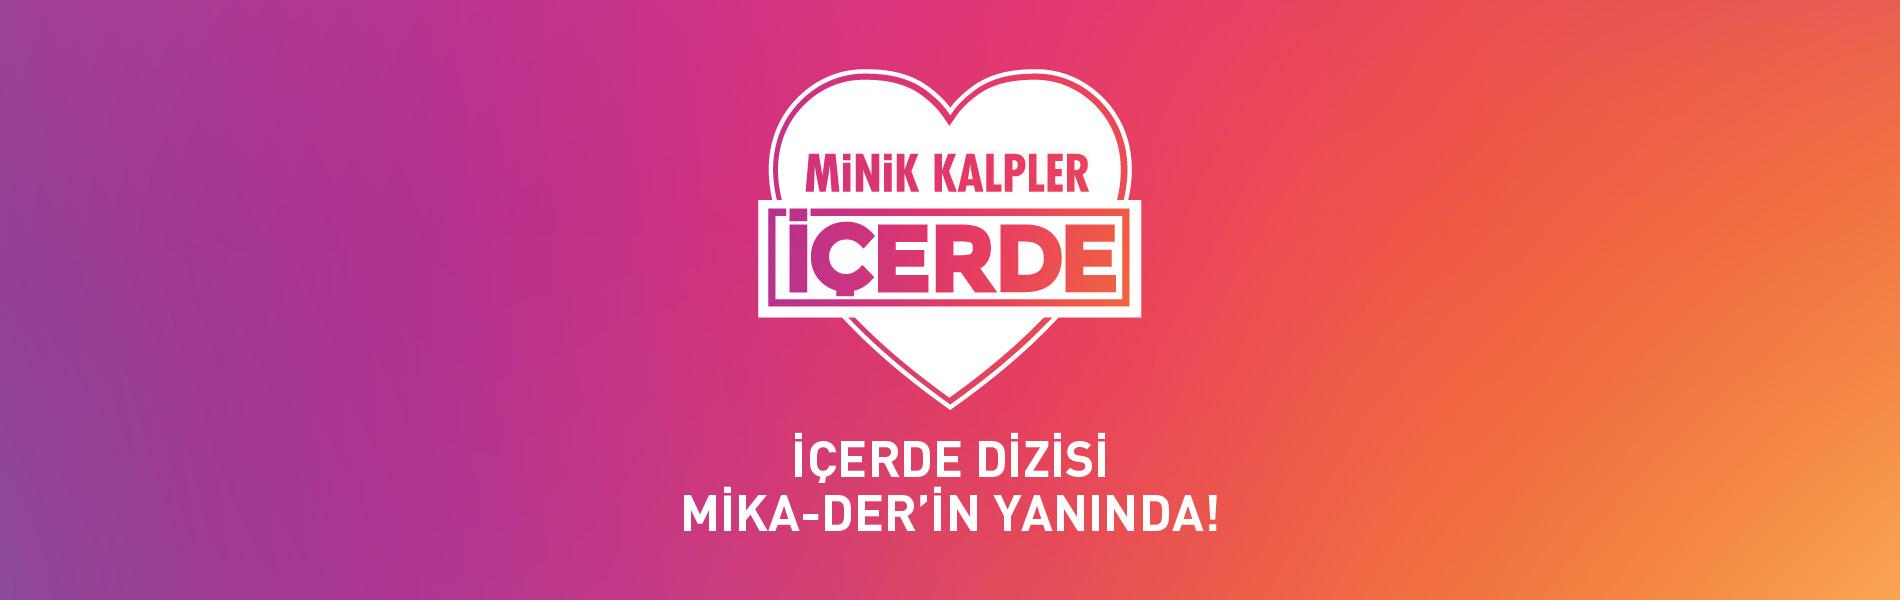 mikader_slider_1900x600